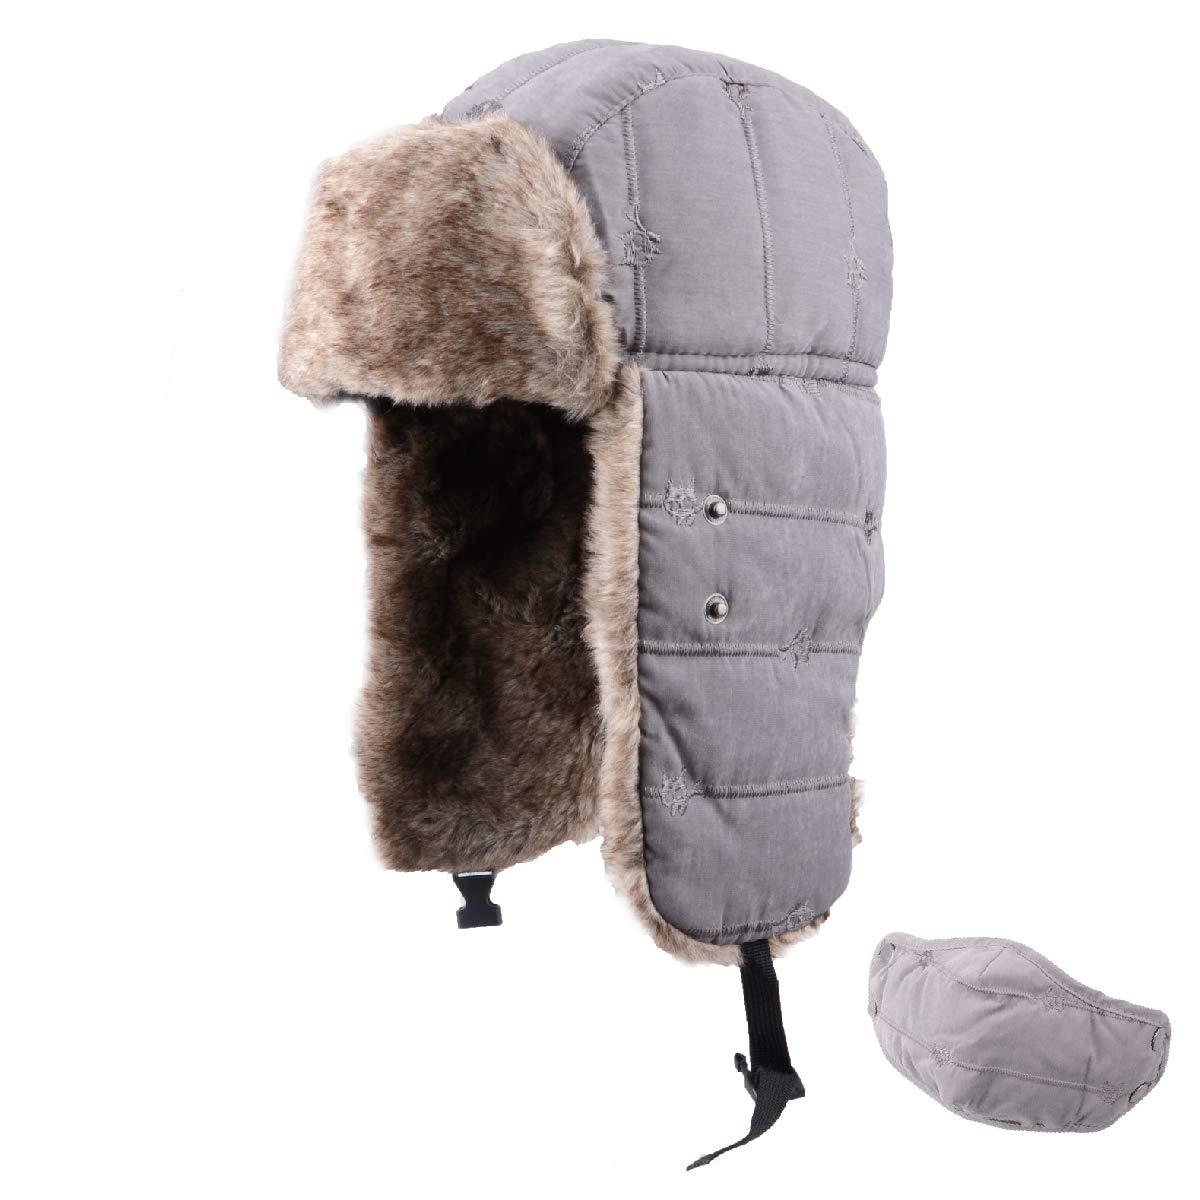 TRIWONDER Winter Trape Hat Hat Ushanka Russian Ear Flap Aviator Hat con Maschera OS1402BE